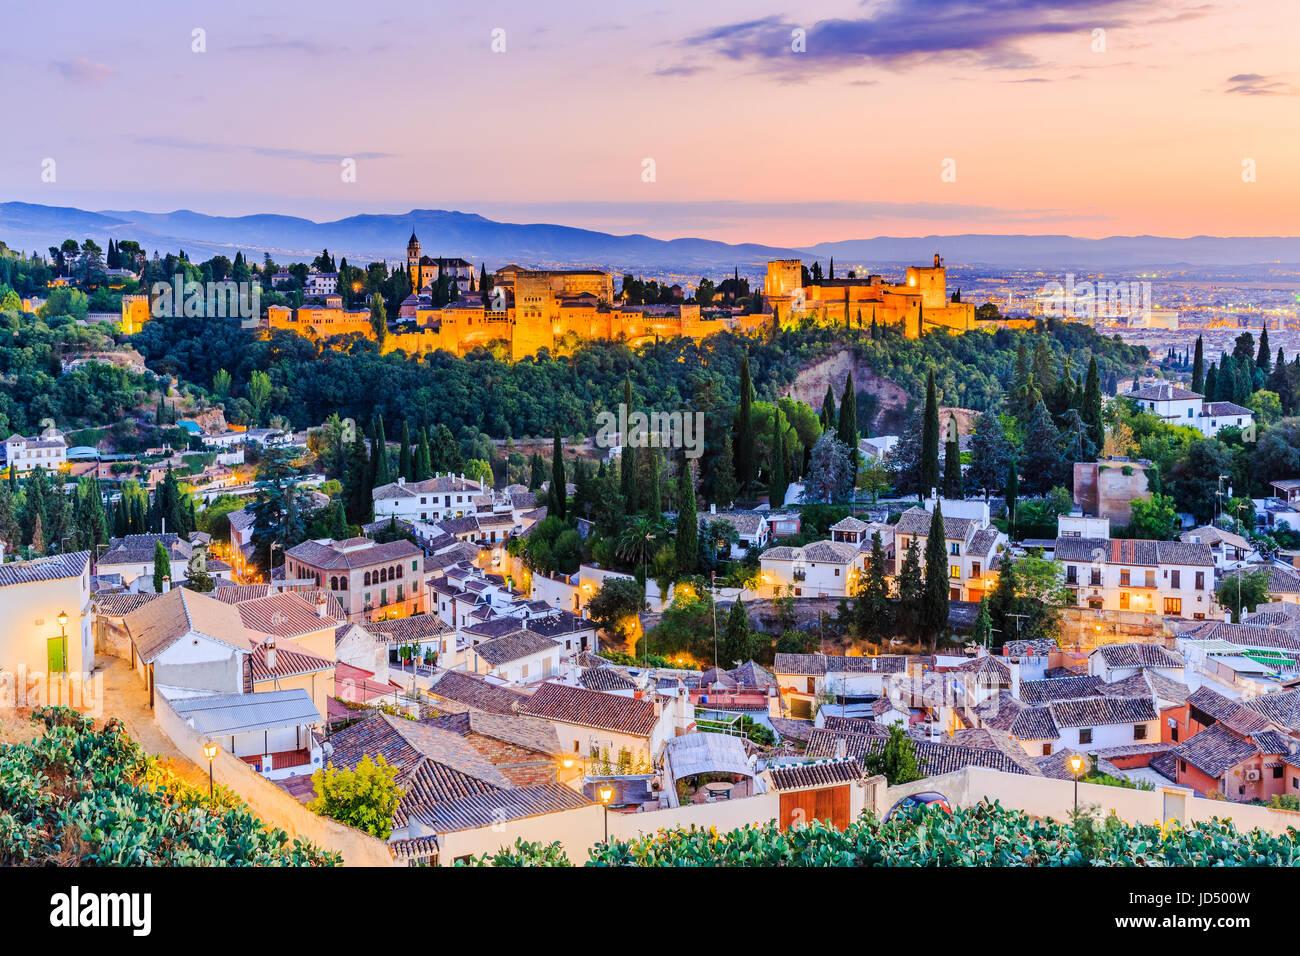 Alhambra von Granada, Spanien. Alhambra-Festung in der Dämmerung. Stockbild